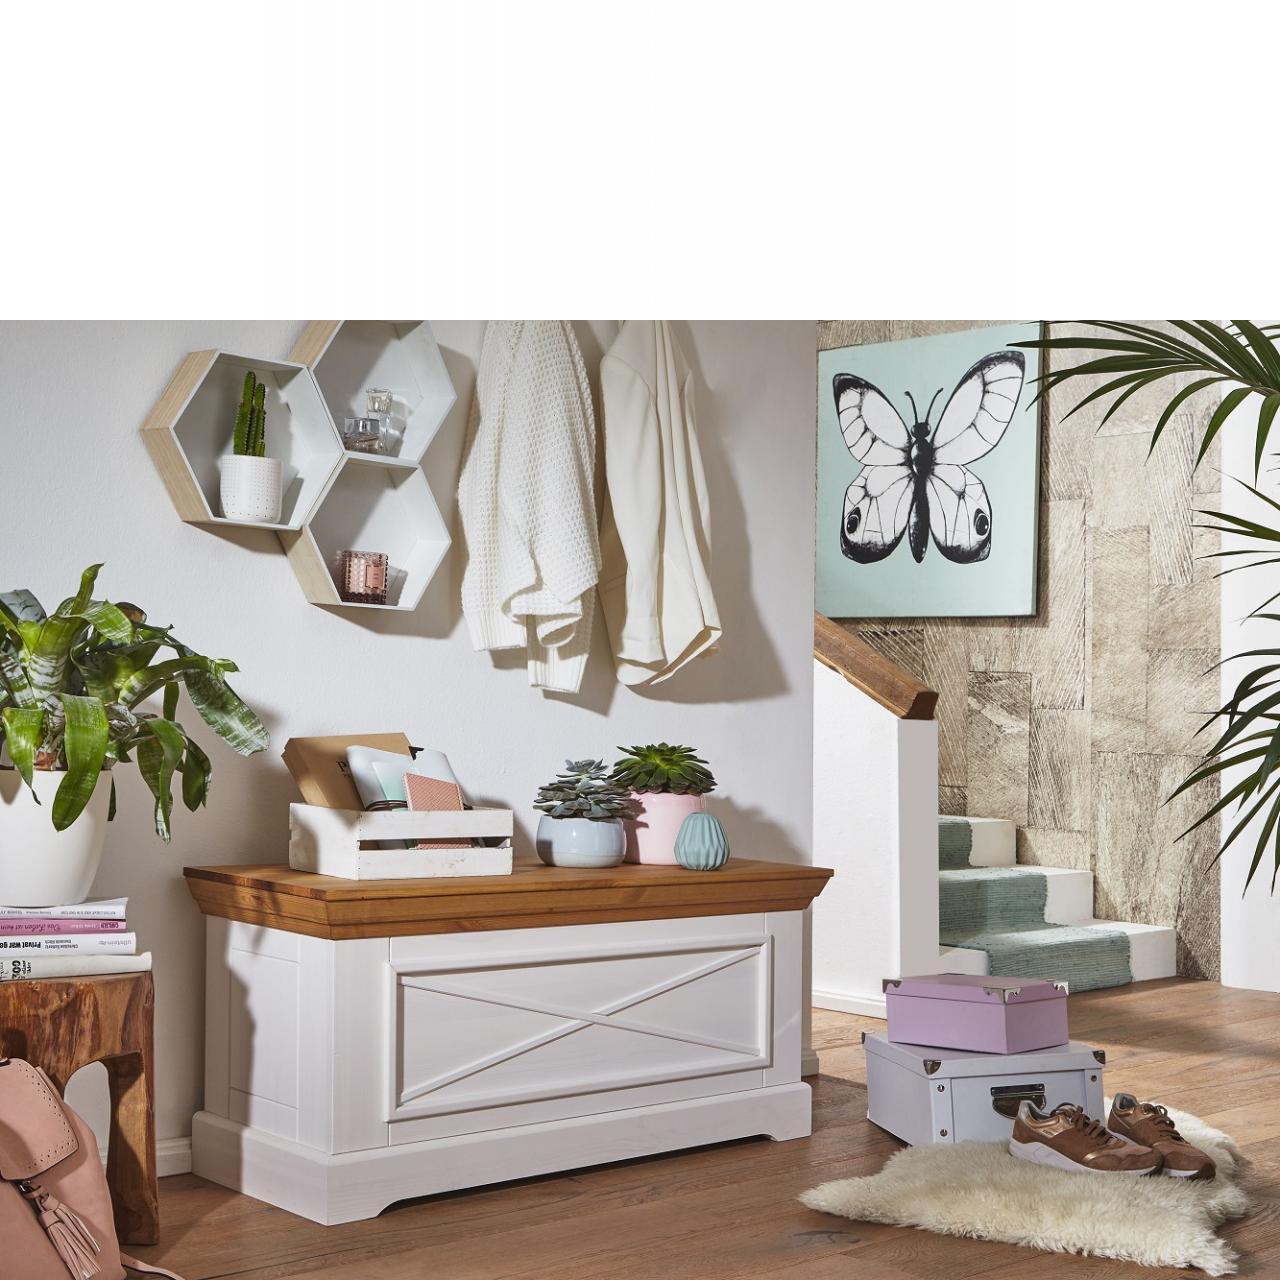 Truhe WZ-0133 weiß Kiefer massiv eiche Kiste Flur Wohnzimmer Schlafzimmer